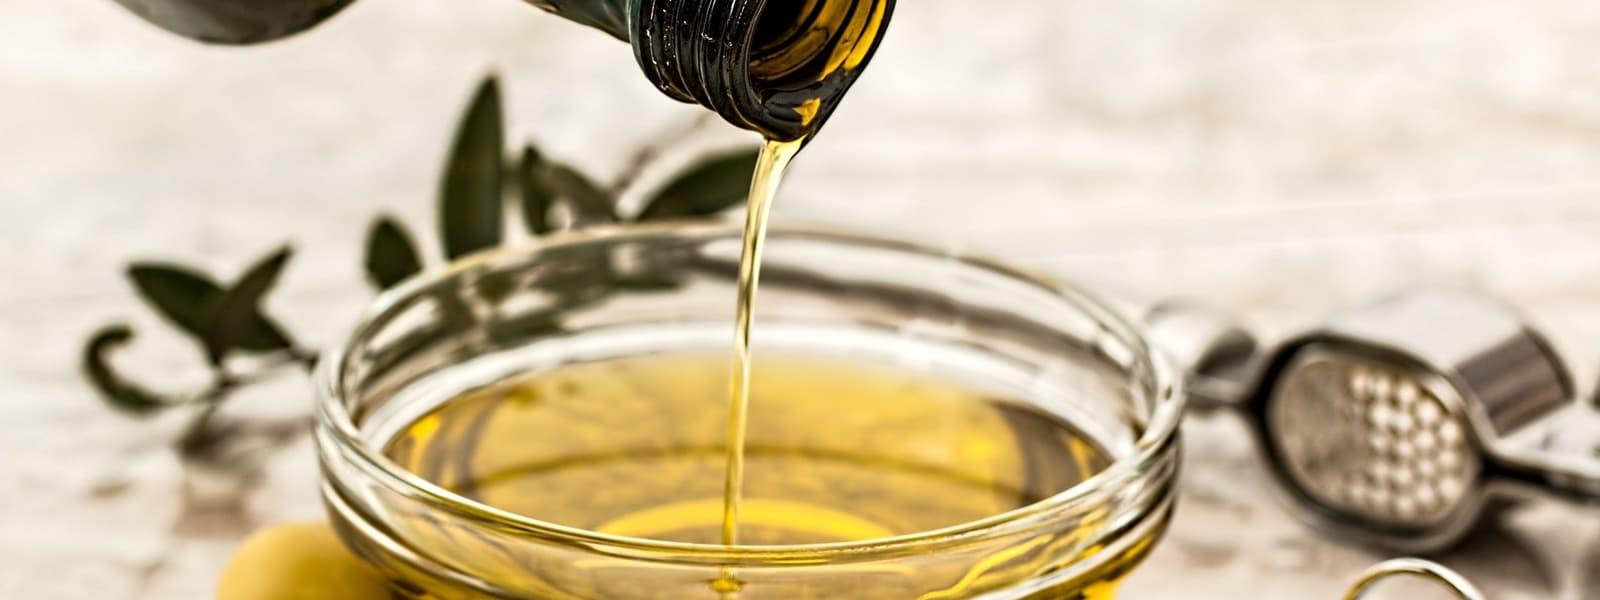 Productores de aceite de gran calidad - Aceite de Oliva 1881